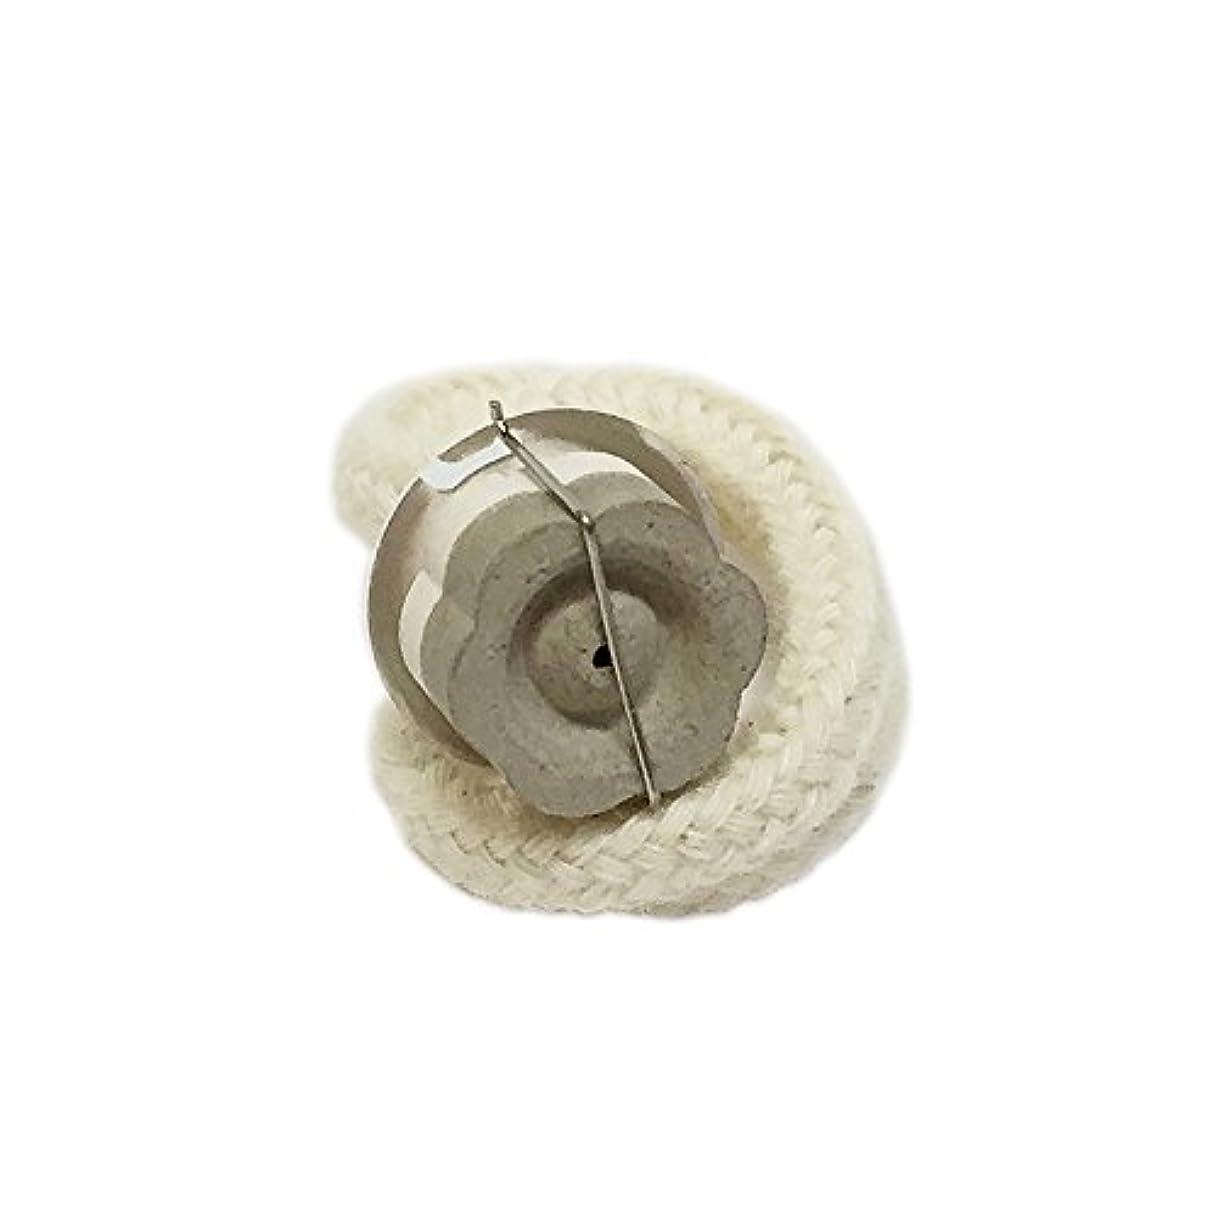 まともな製品適応ミニランプ用 交換バーナー (シルバー) セラミック芯